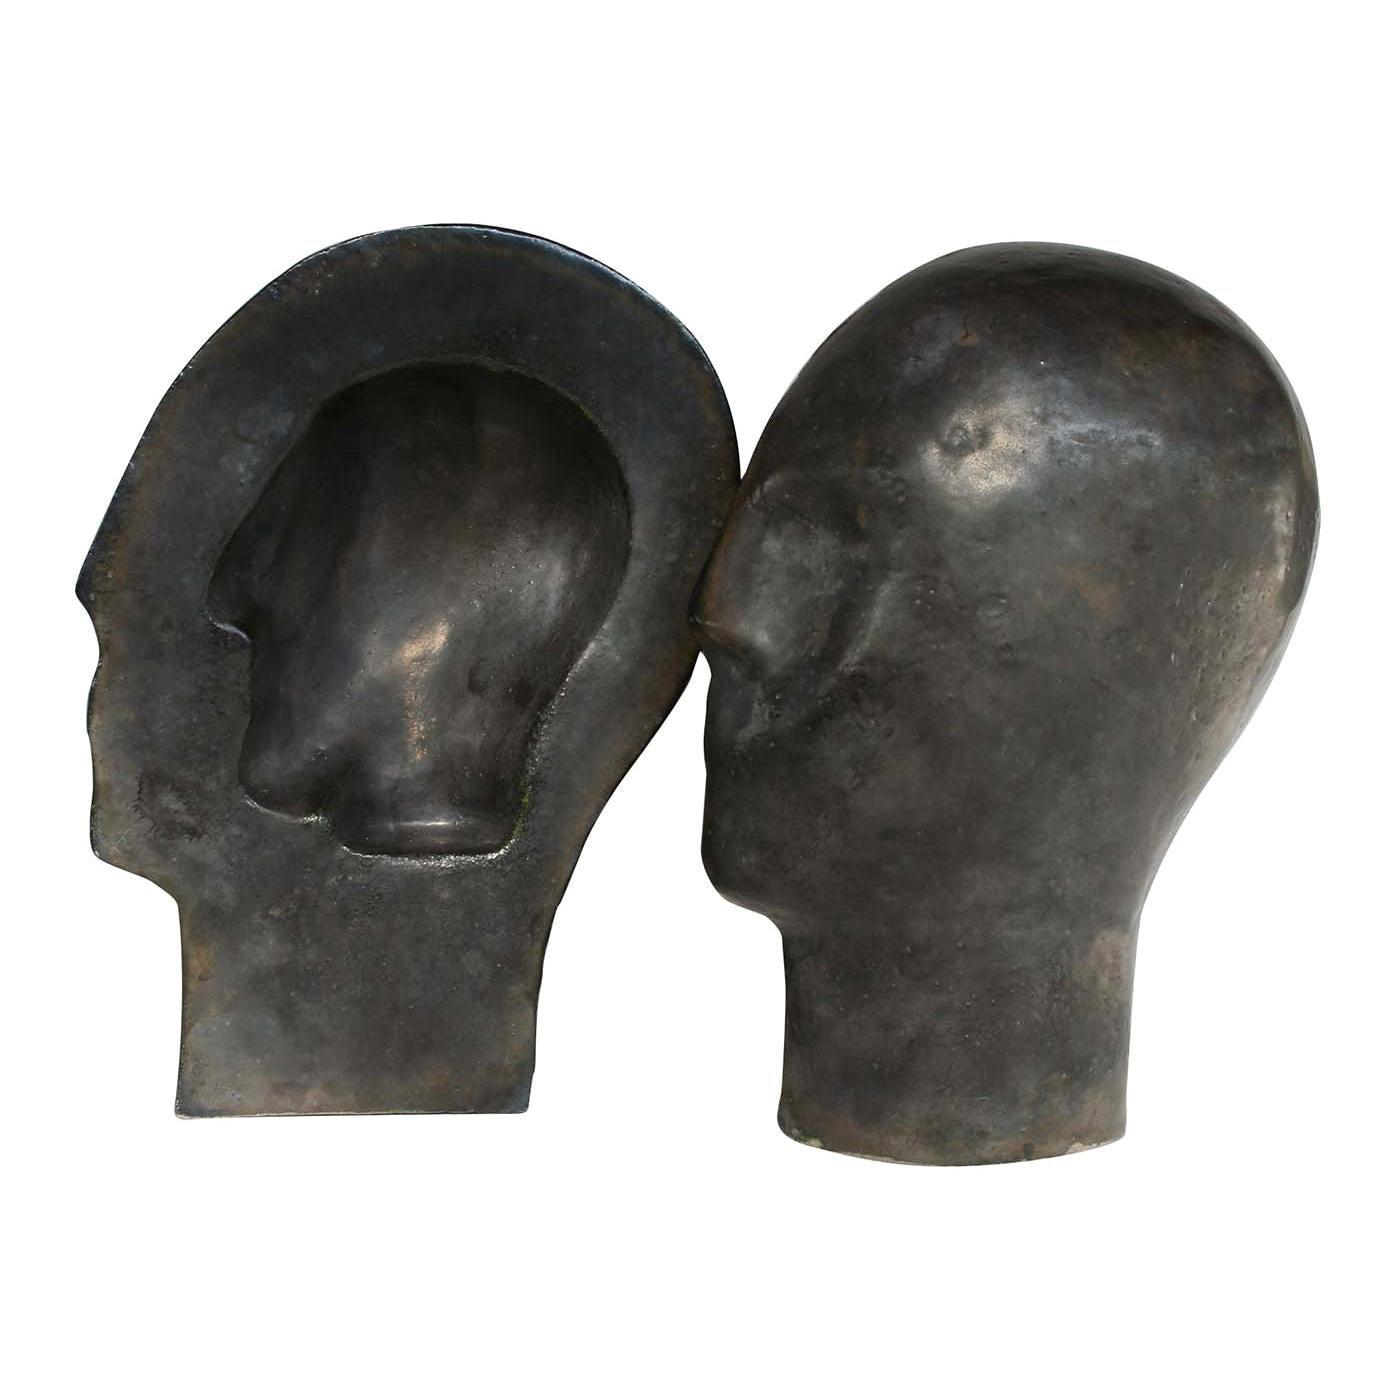 Testa Sculpture by Luca Leandri